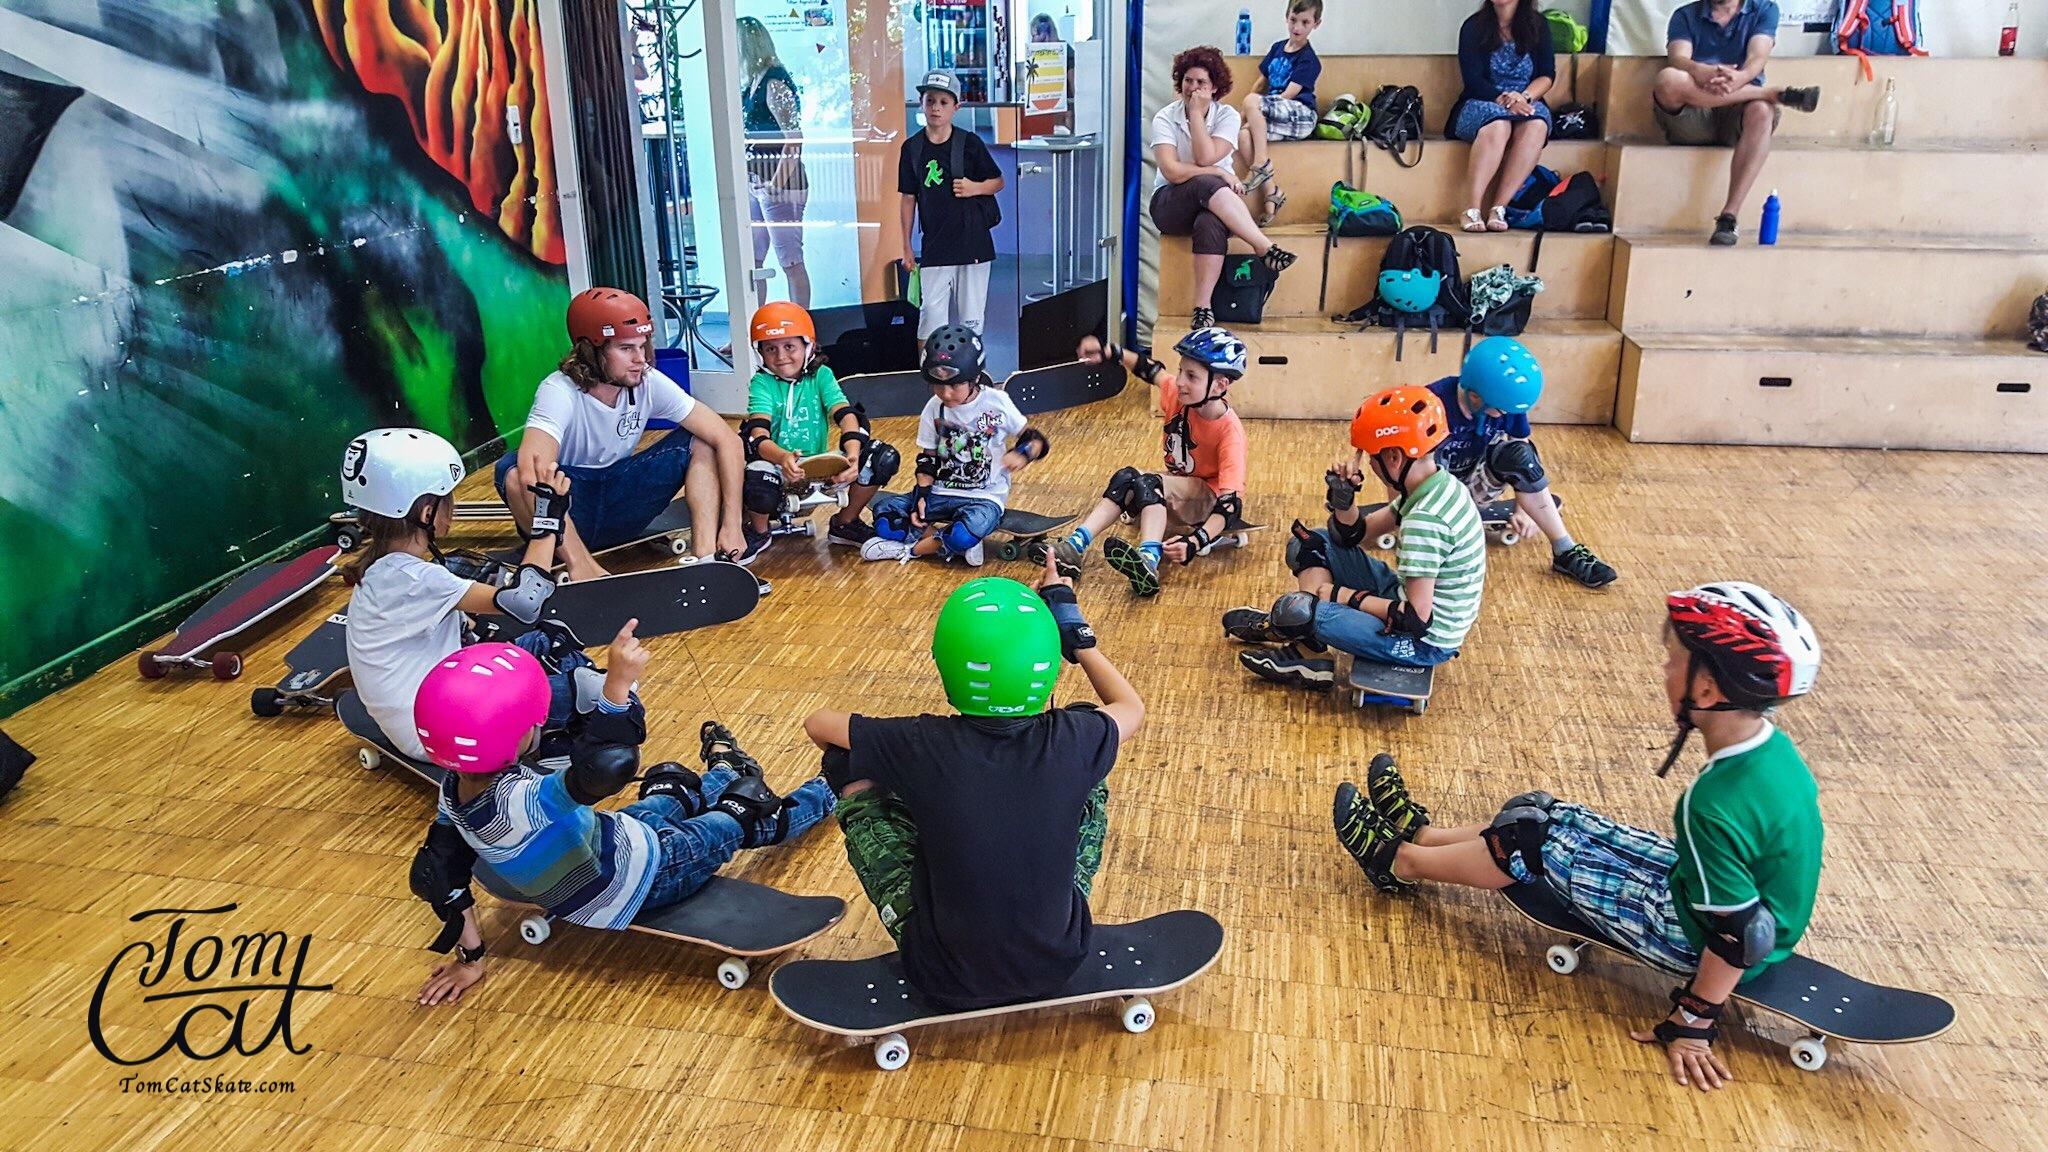 Skatekurs München Pullach mit Profi Skateboarder Tom Cat Kleinhans.JPG